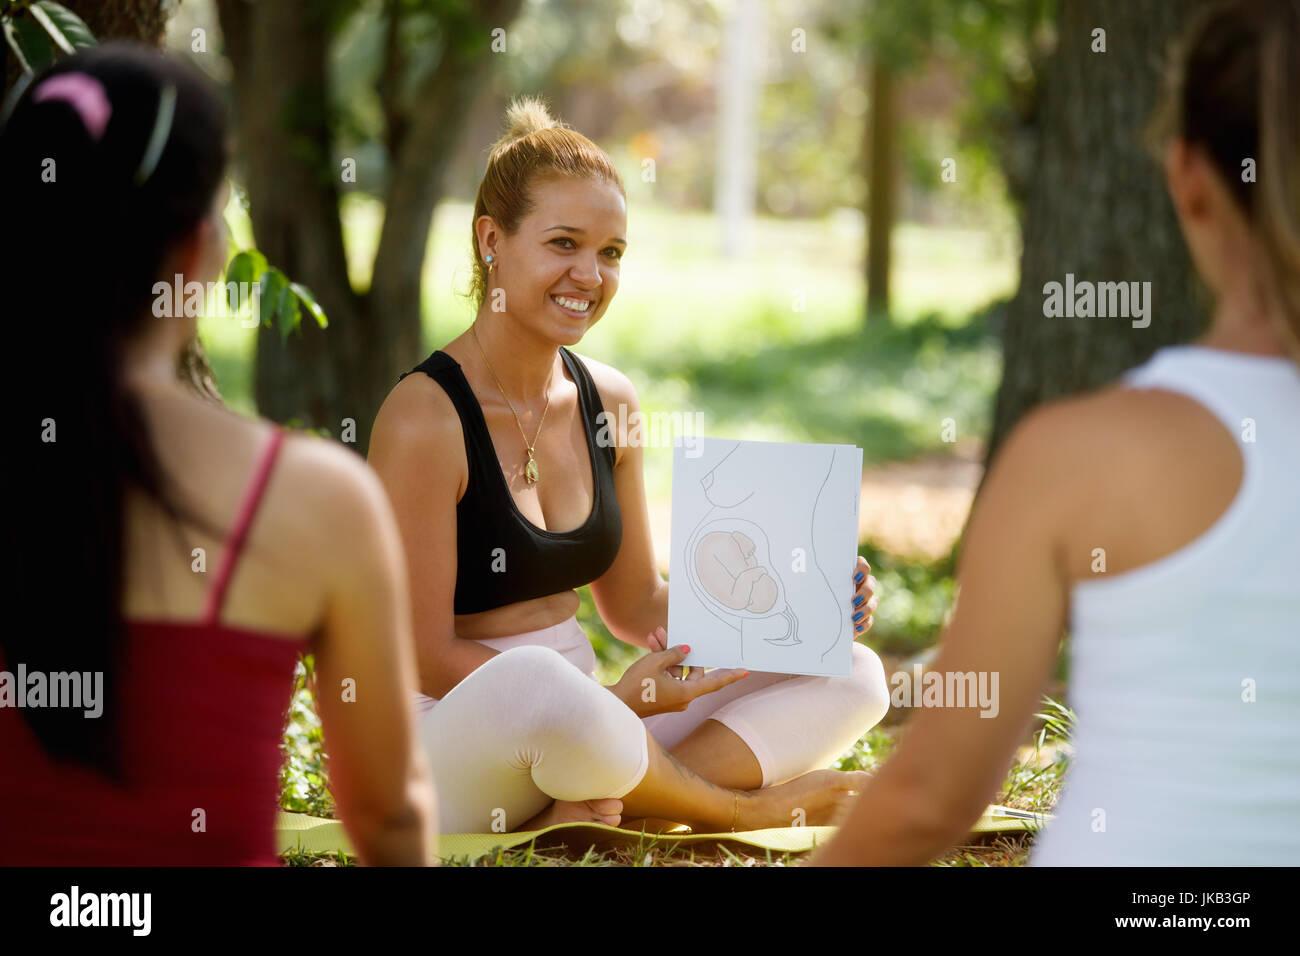 Mujeres embarazadas que tomaban lección prenatal en el parque. Profesor explicando el crecimiento del bebé Imagen De Stock